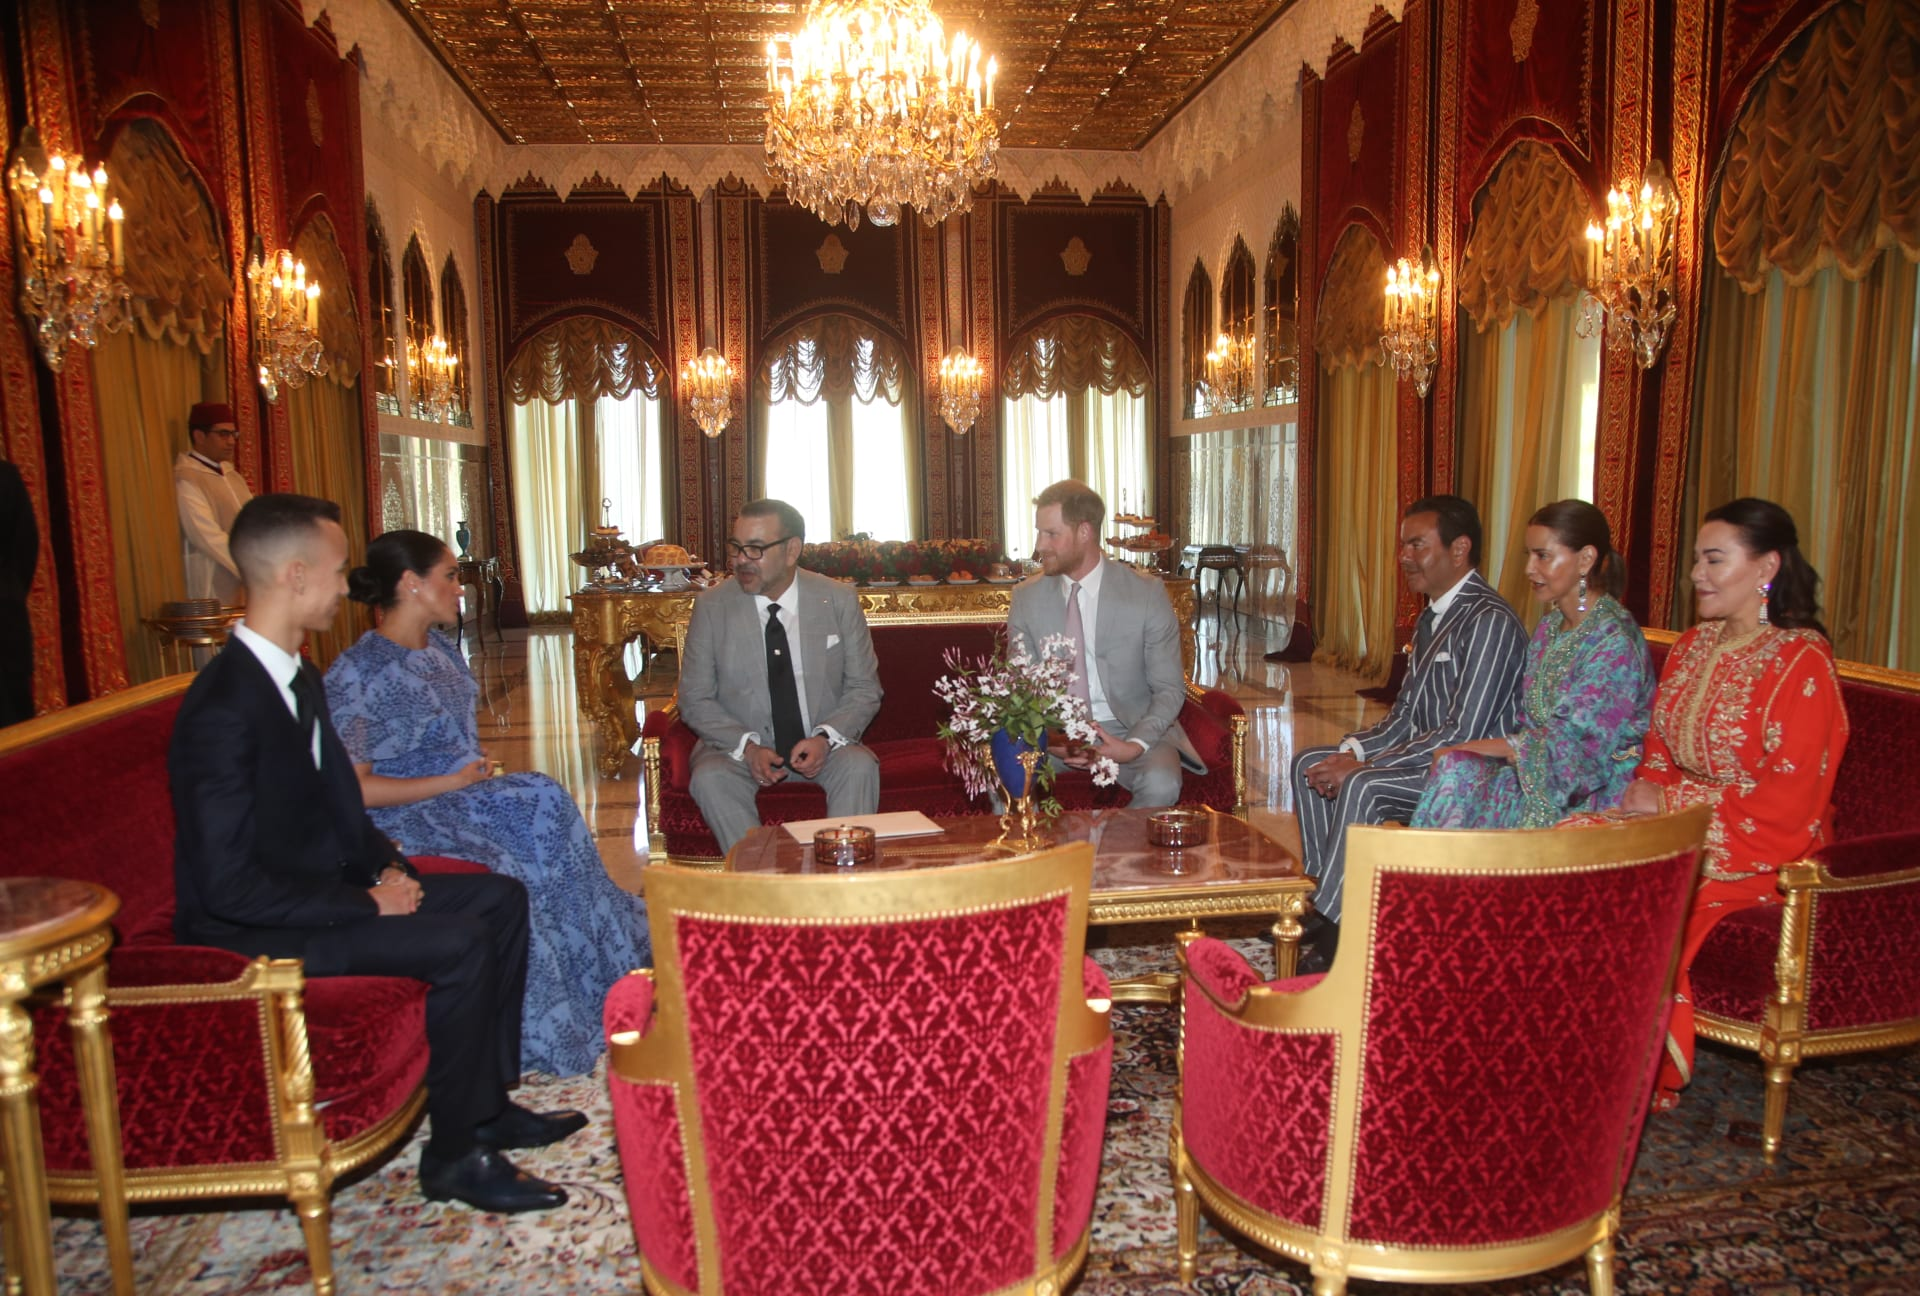 بحفل شاي ملكي.. هكذا اختتم الأمير هاري وميغان جولتهما بالمغرب